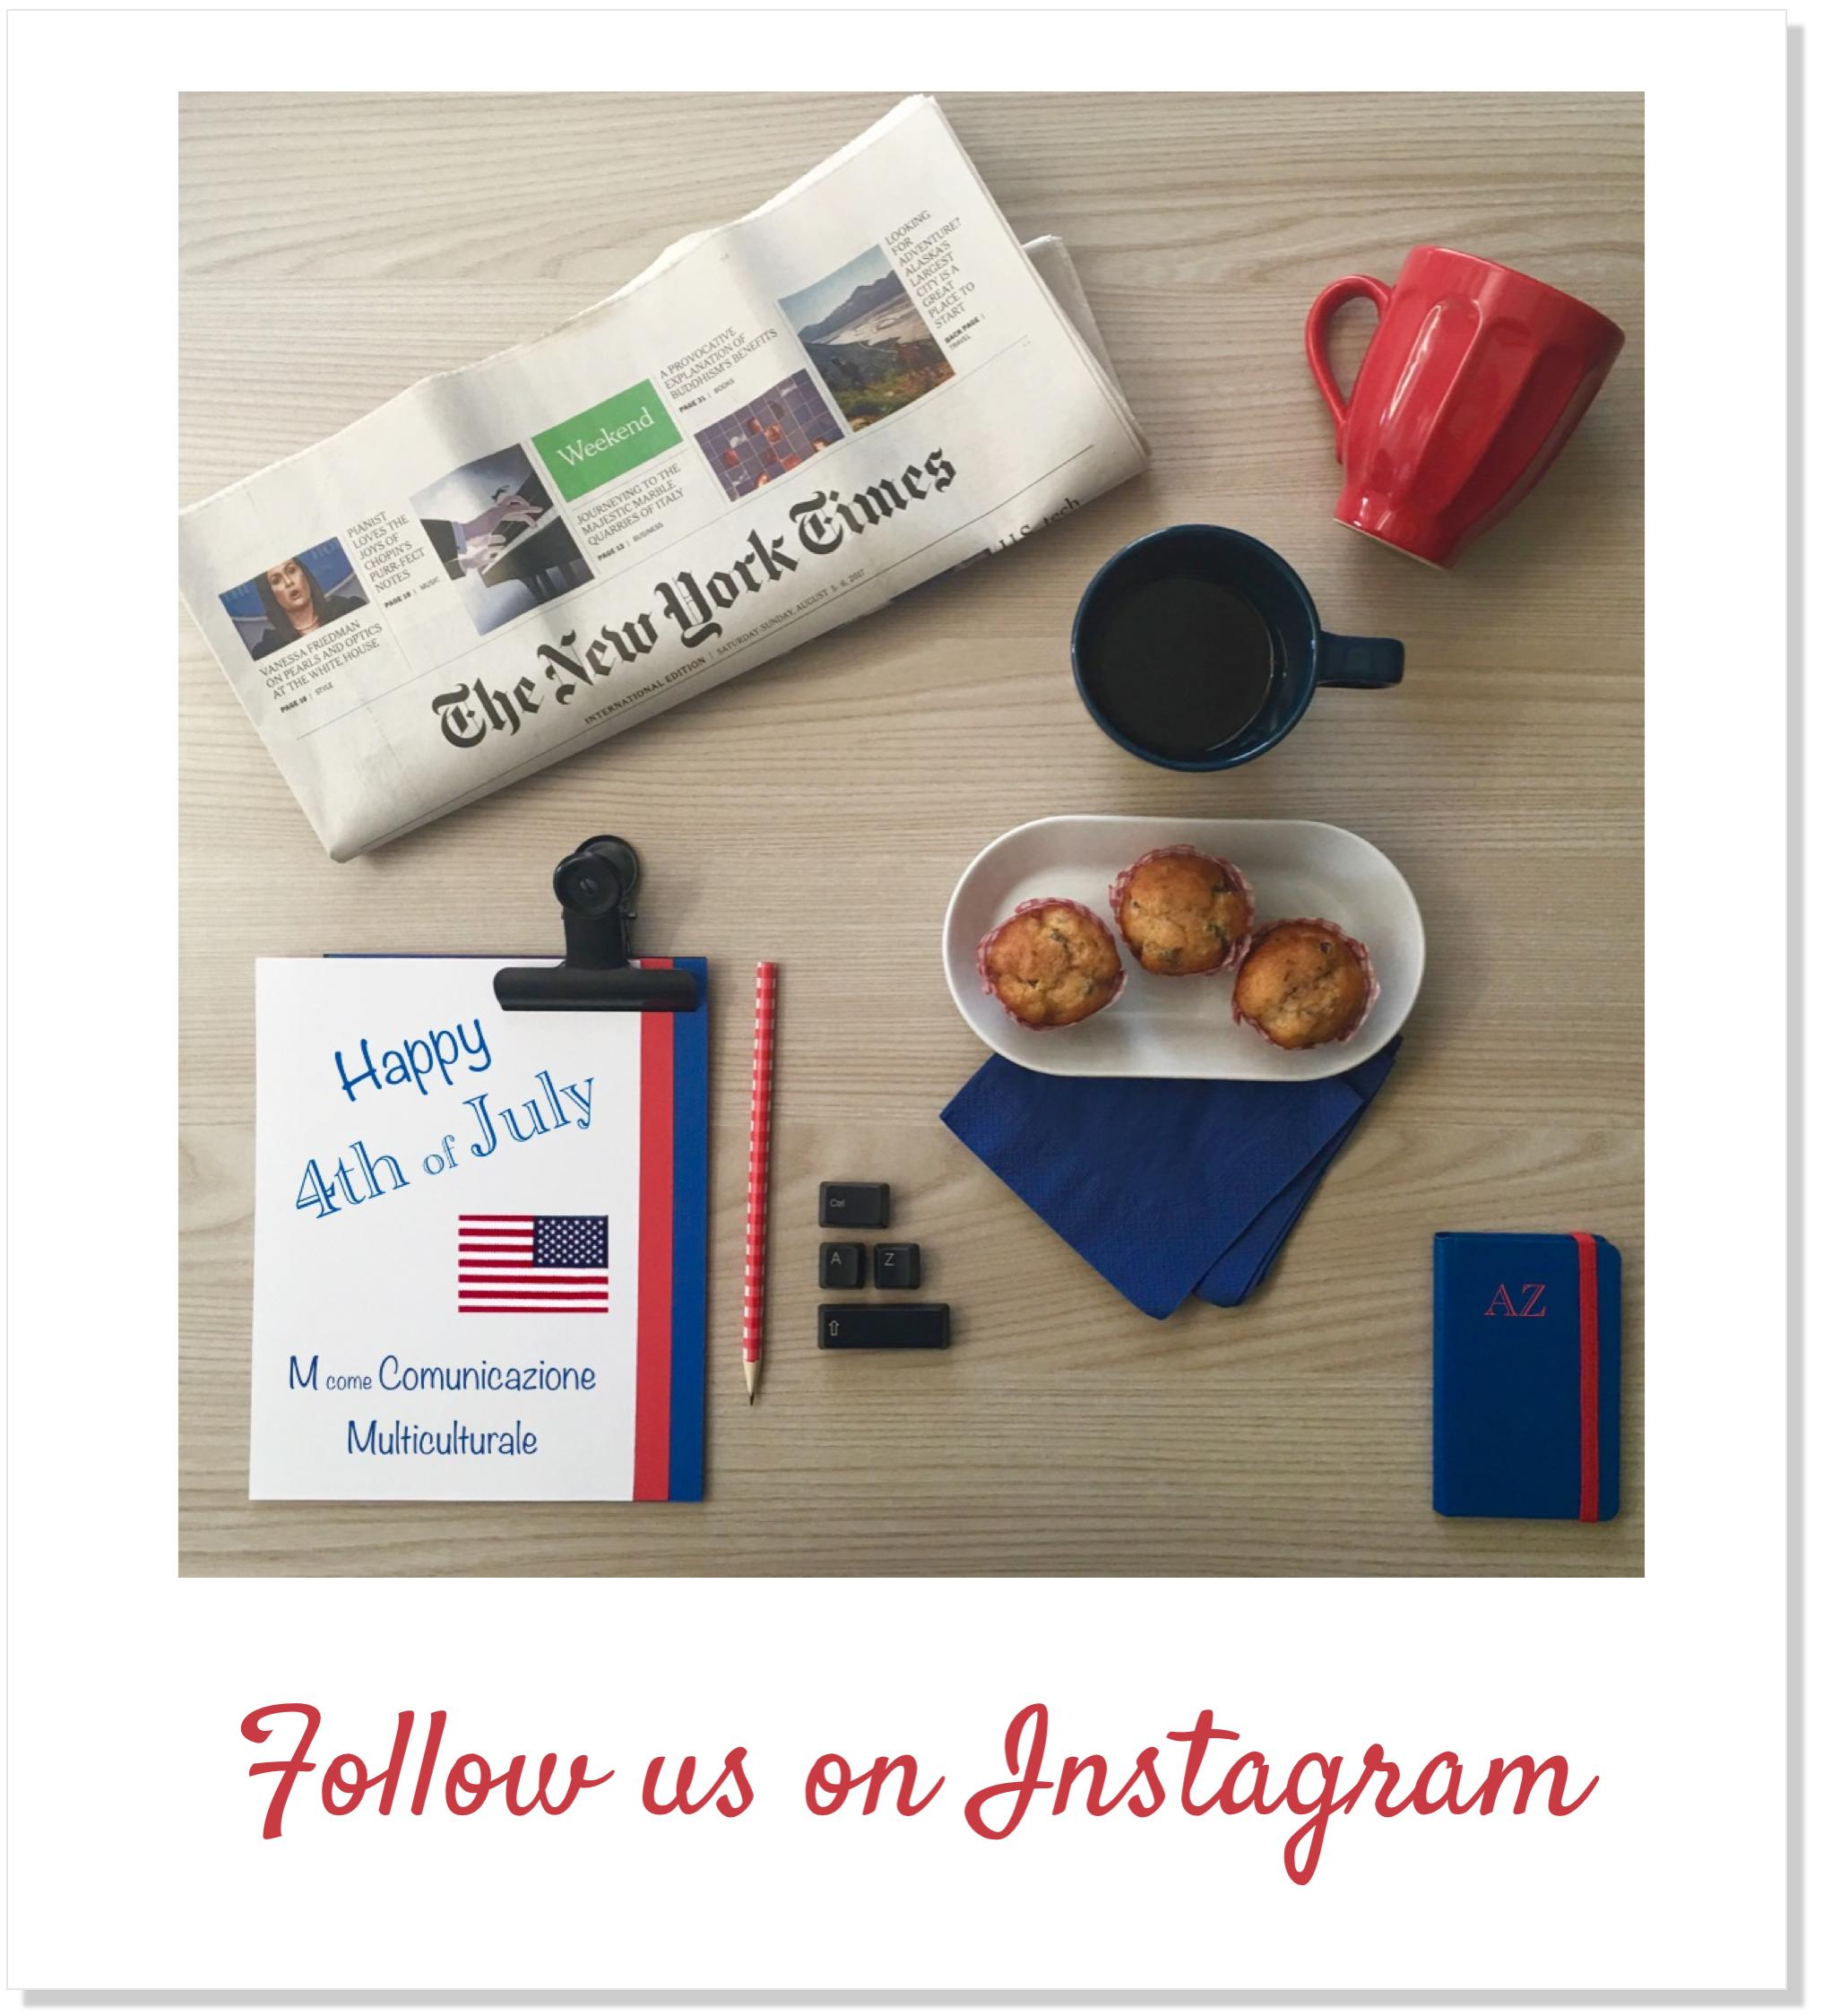 AssistenteDallaAallaZeta Assistente di Direzione Parole Chiave M come Comunicazione multiculturale Flatlay Instagram 4 Luglio AssistenteDallaAallaZeta